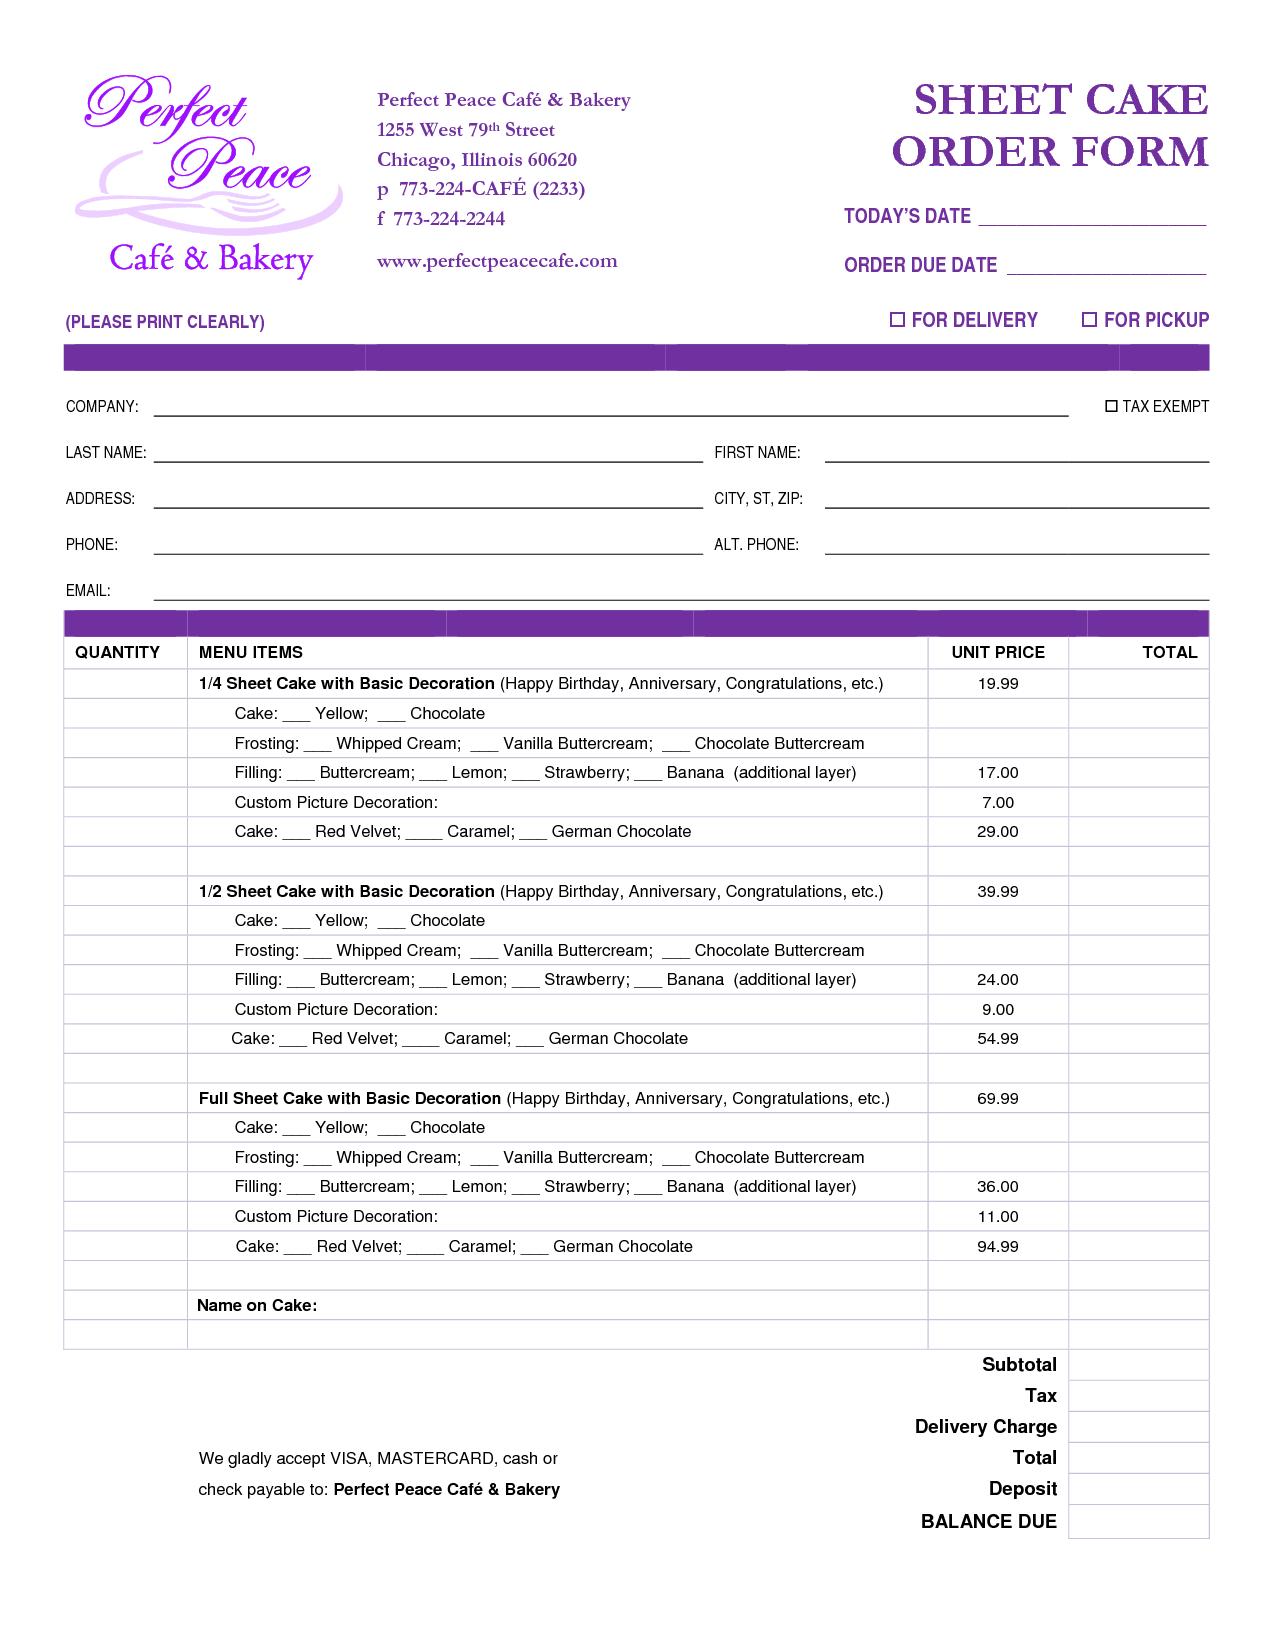 online order form template resume sample fast food